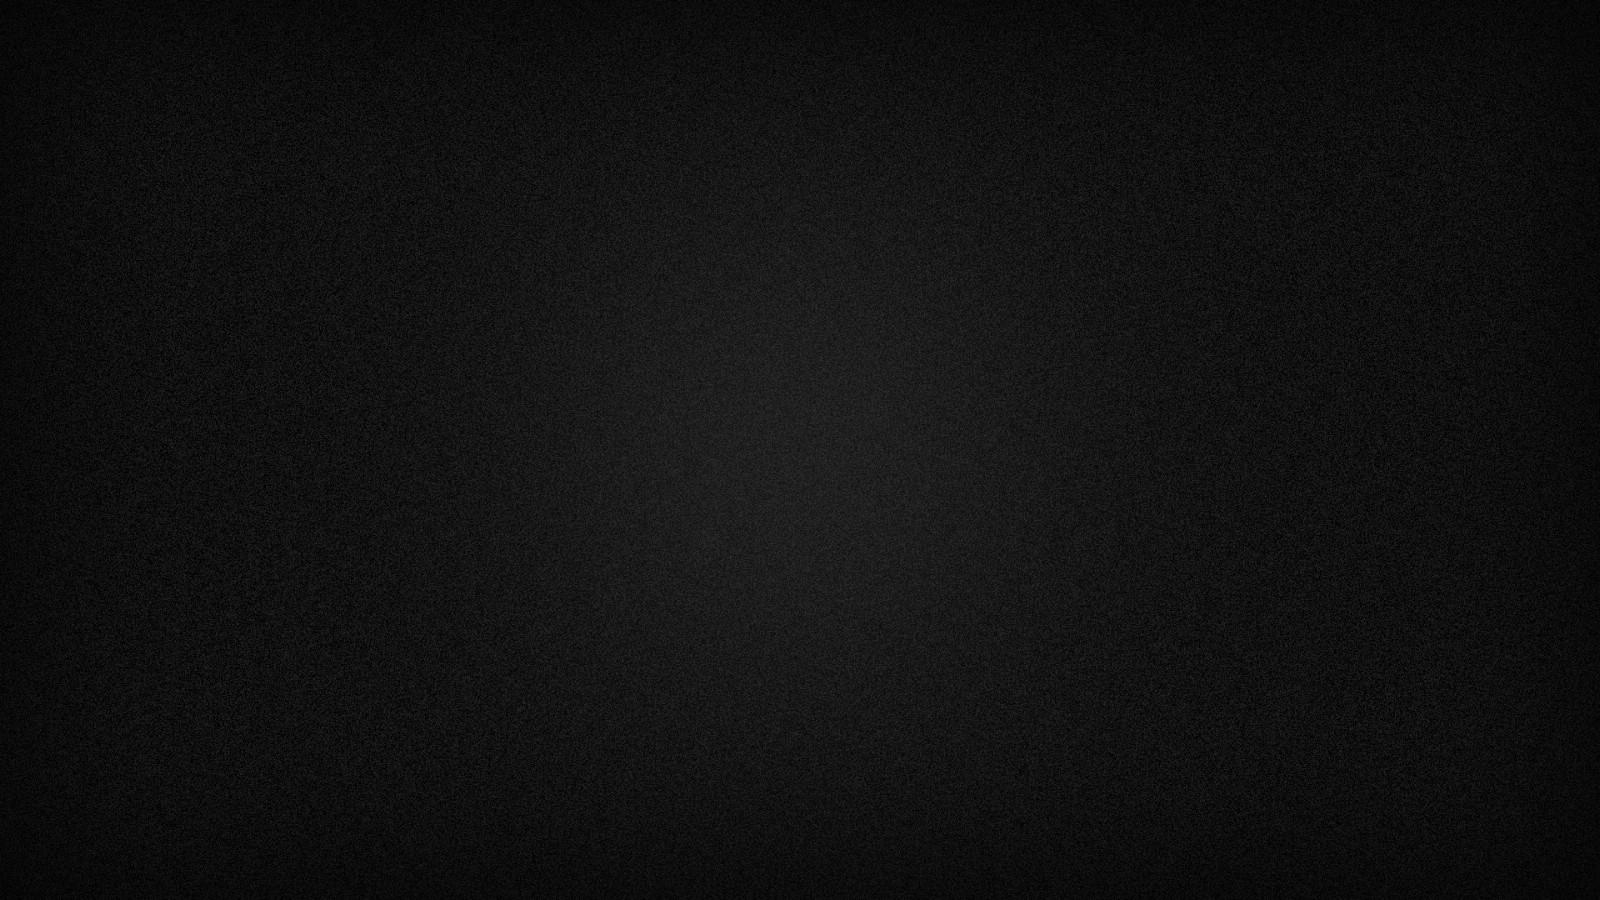 1600*900暗色壁纸_乐谱 曲谱 1600_900